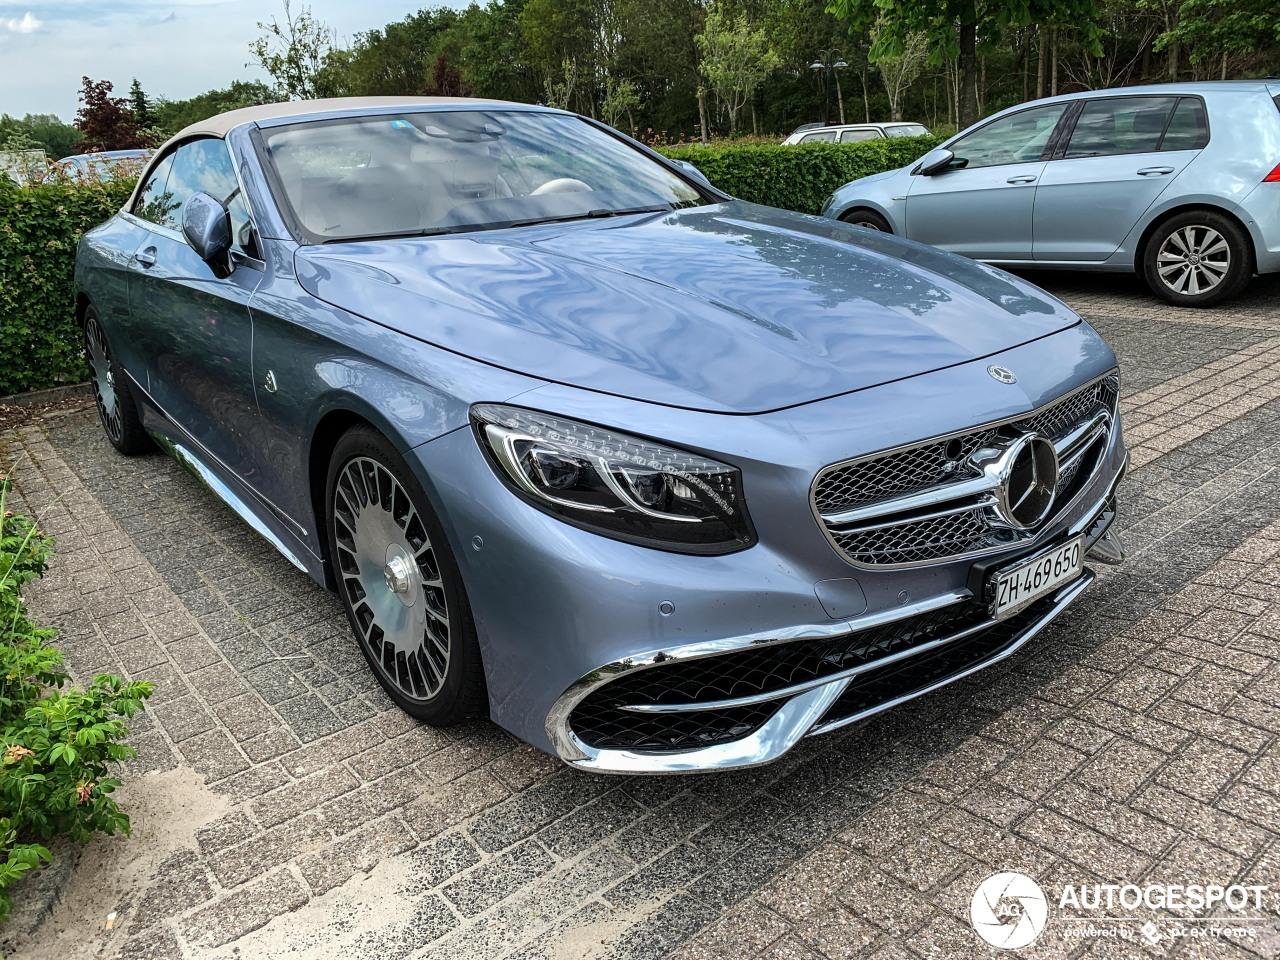 Mercedes-Maybach S 650 A217 - 7 June 2019 - Autogespot